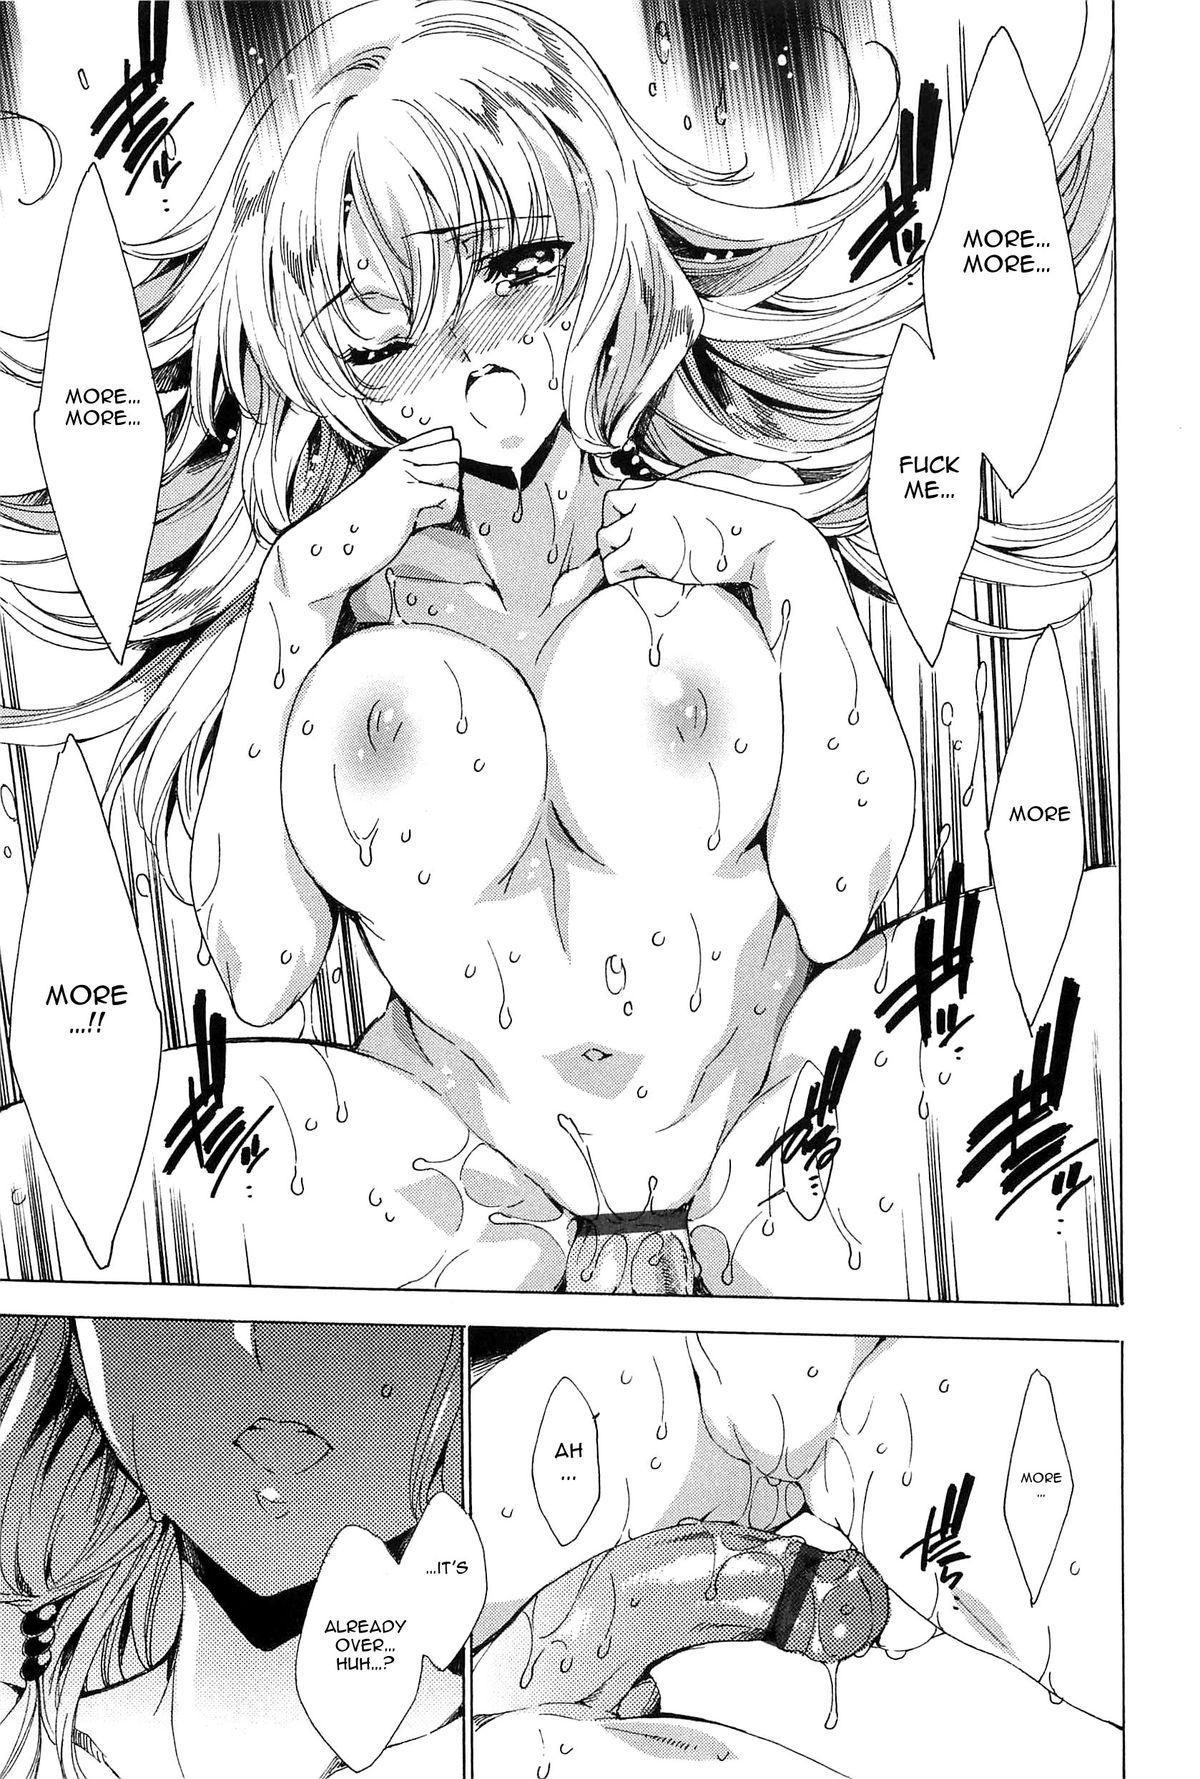 [Yuiga Naoha] Nikuyoku Rensa - NTR Kanojo   Chains of Lust - NTR Girlfriend [English] {doujin-moe.us} 112